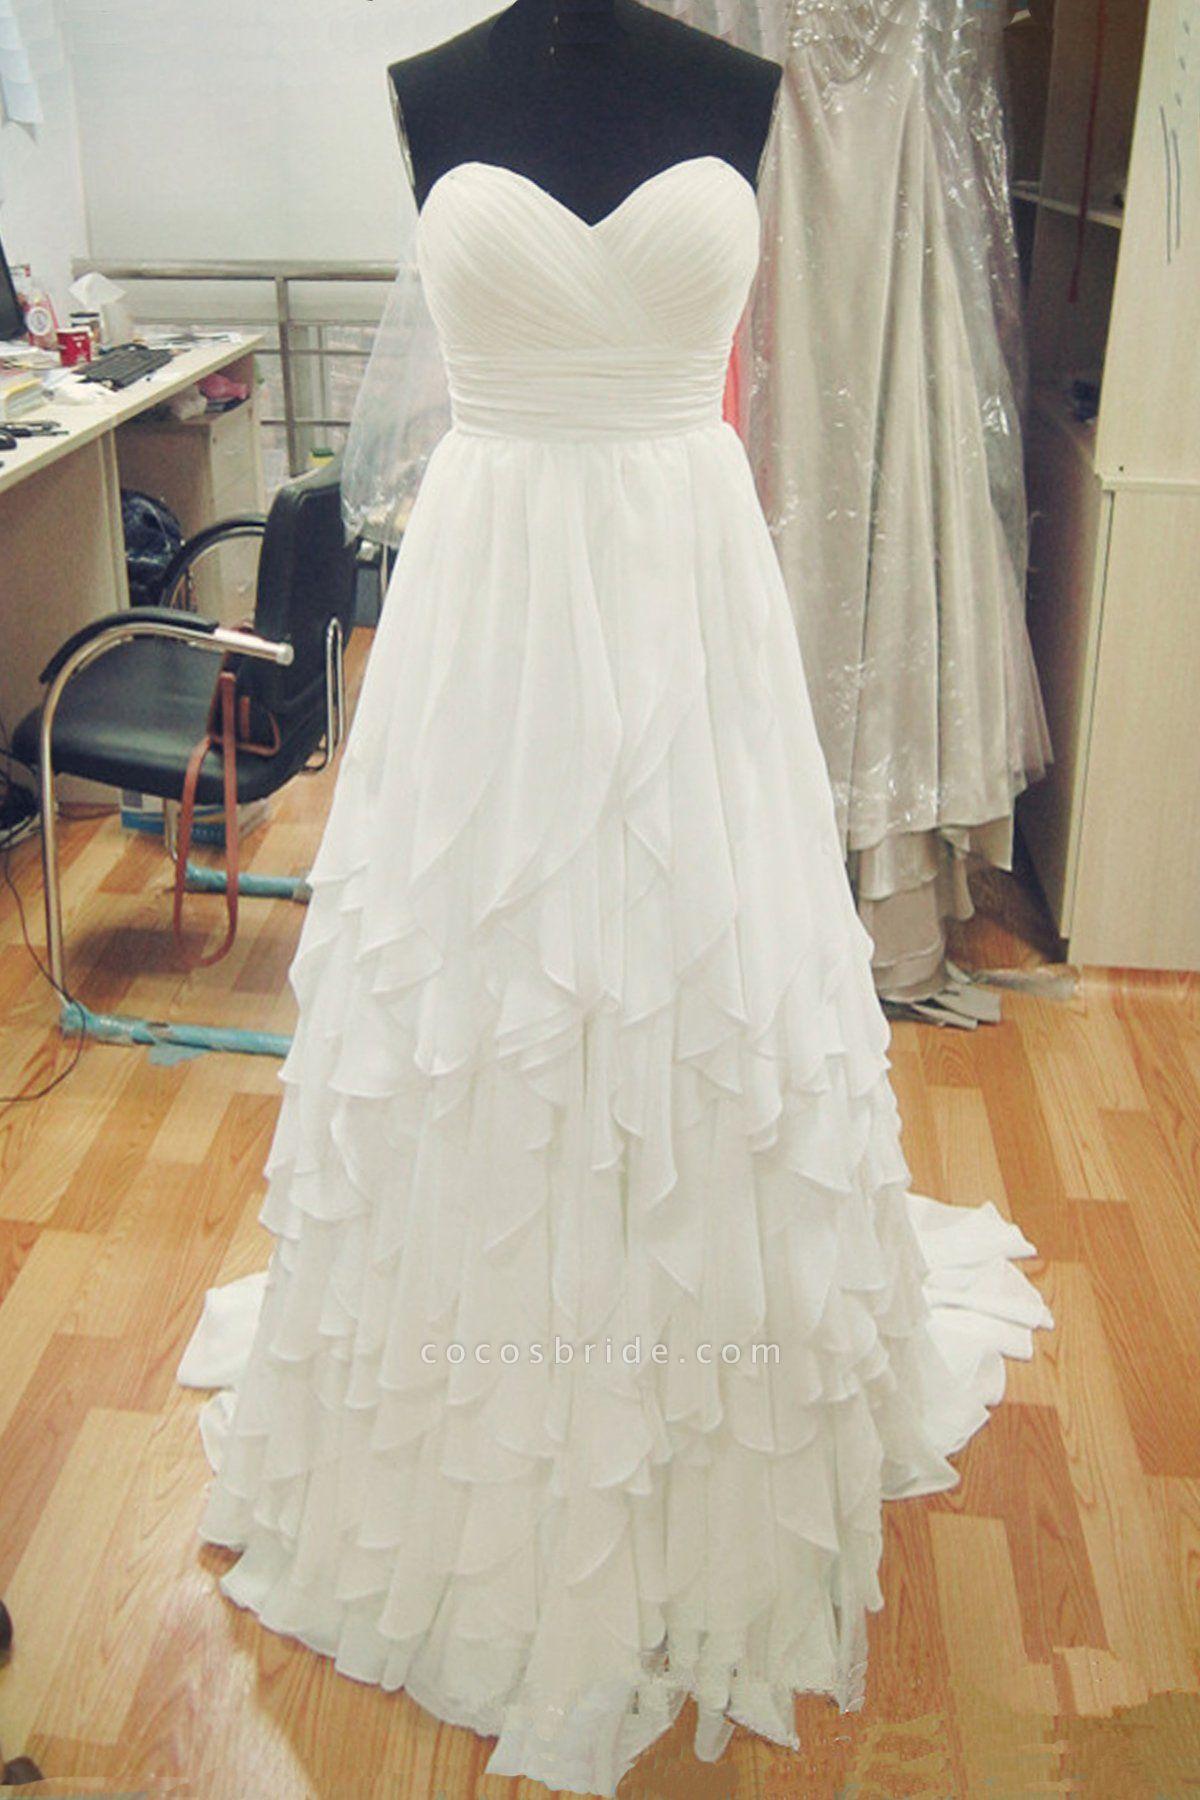 Sweetheart White Chiffon Long Ruffles Wedding Dress